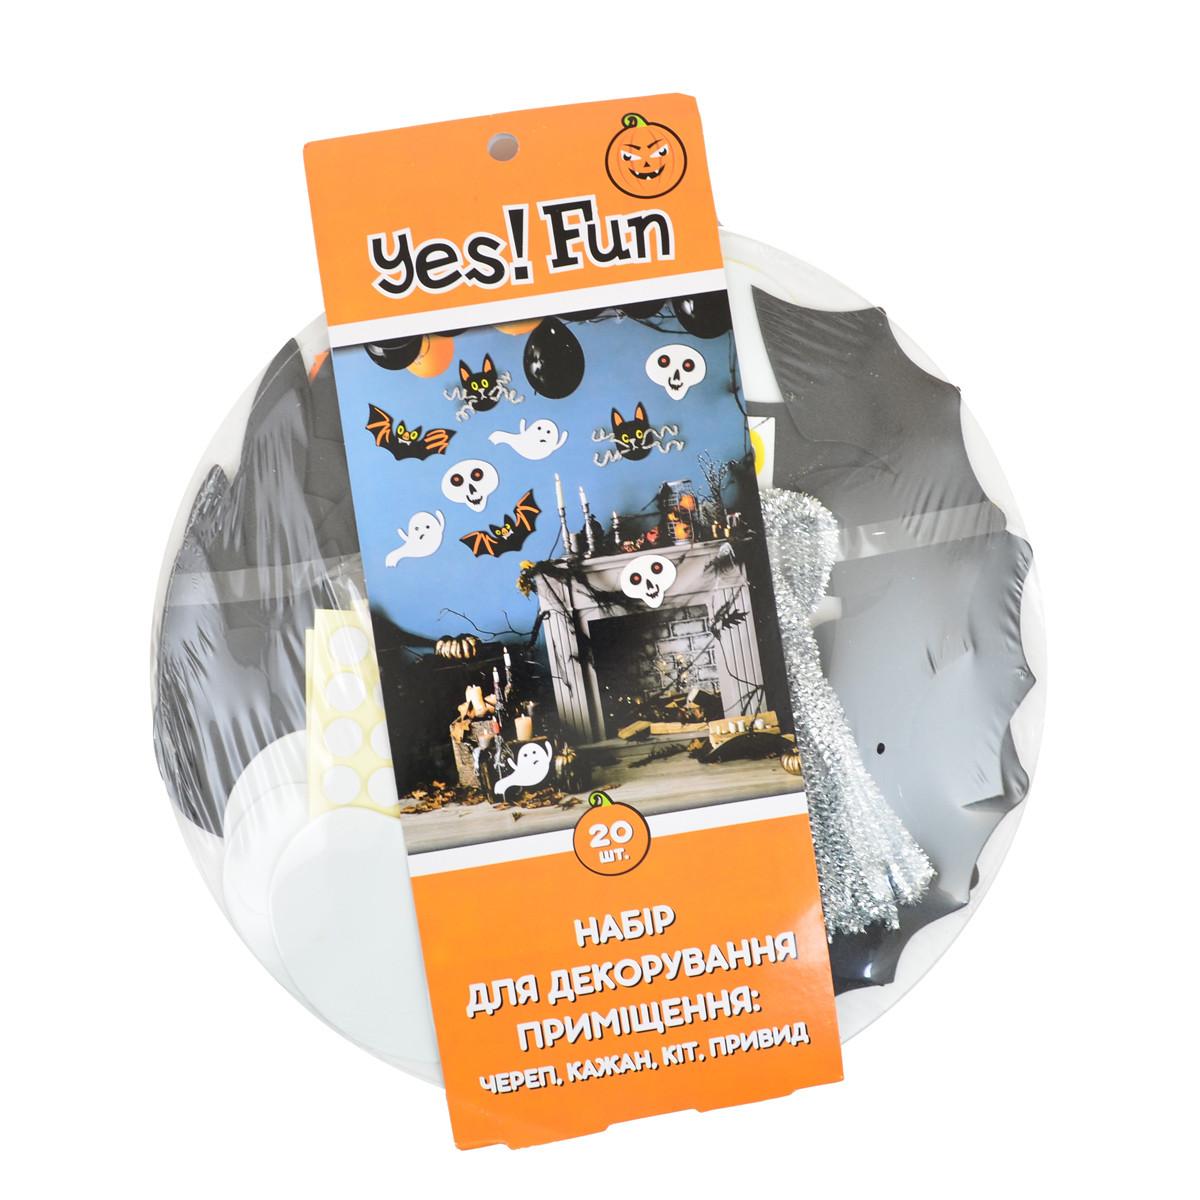 """Набір Yes! Fun для декорування приміщення до Хелловіна """"Череп, кажан, кіт, привид"""", 20 шт"""